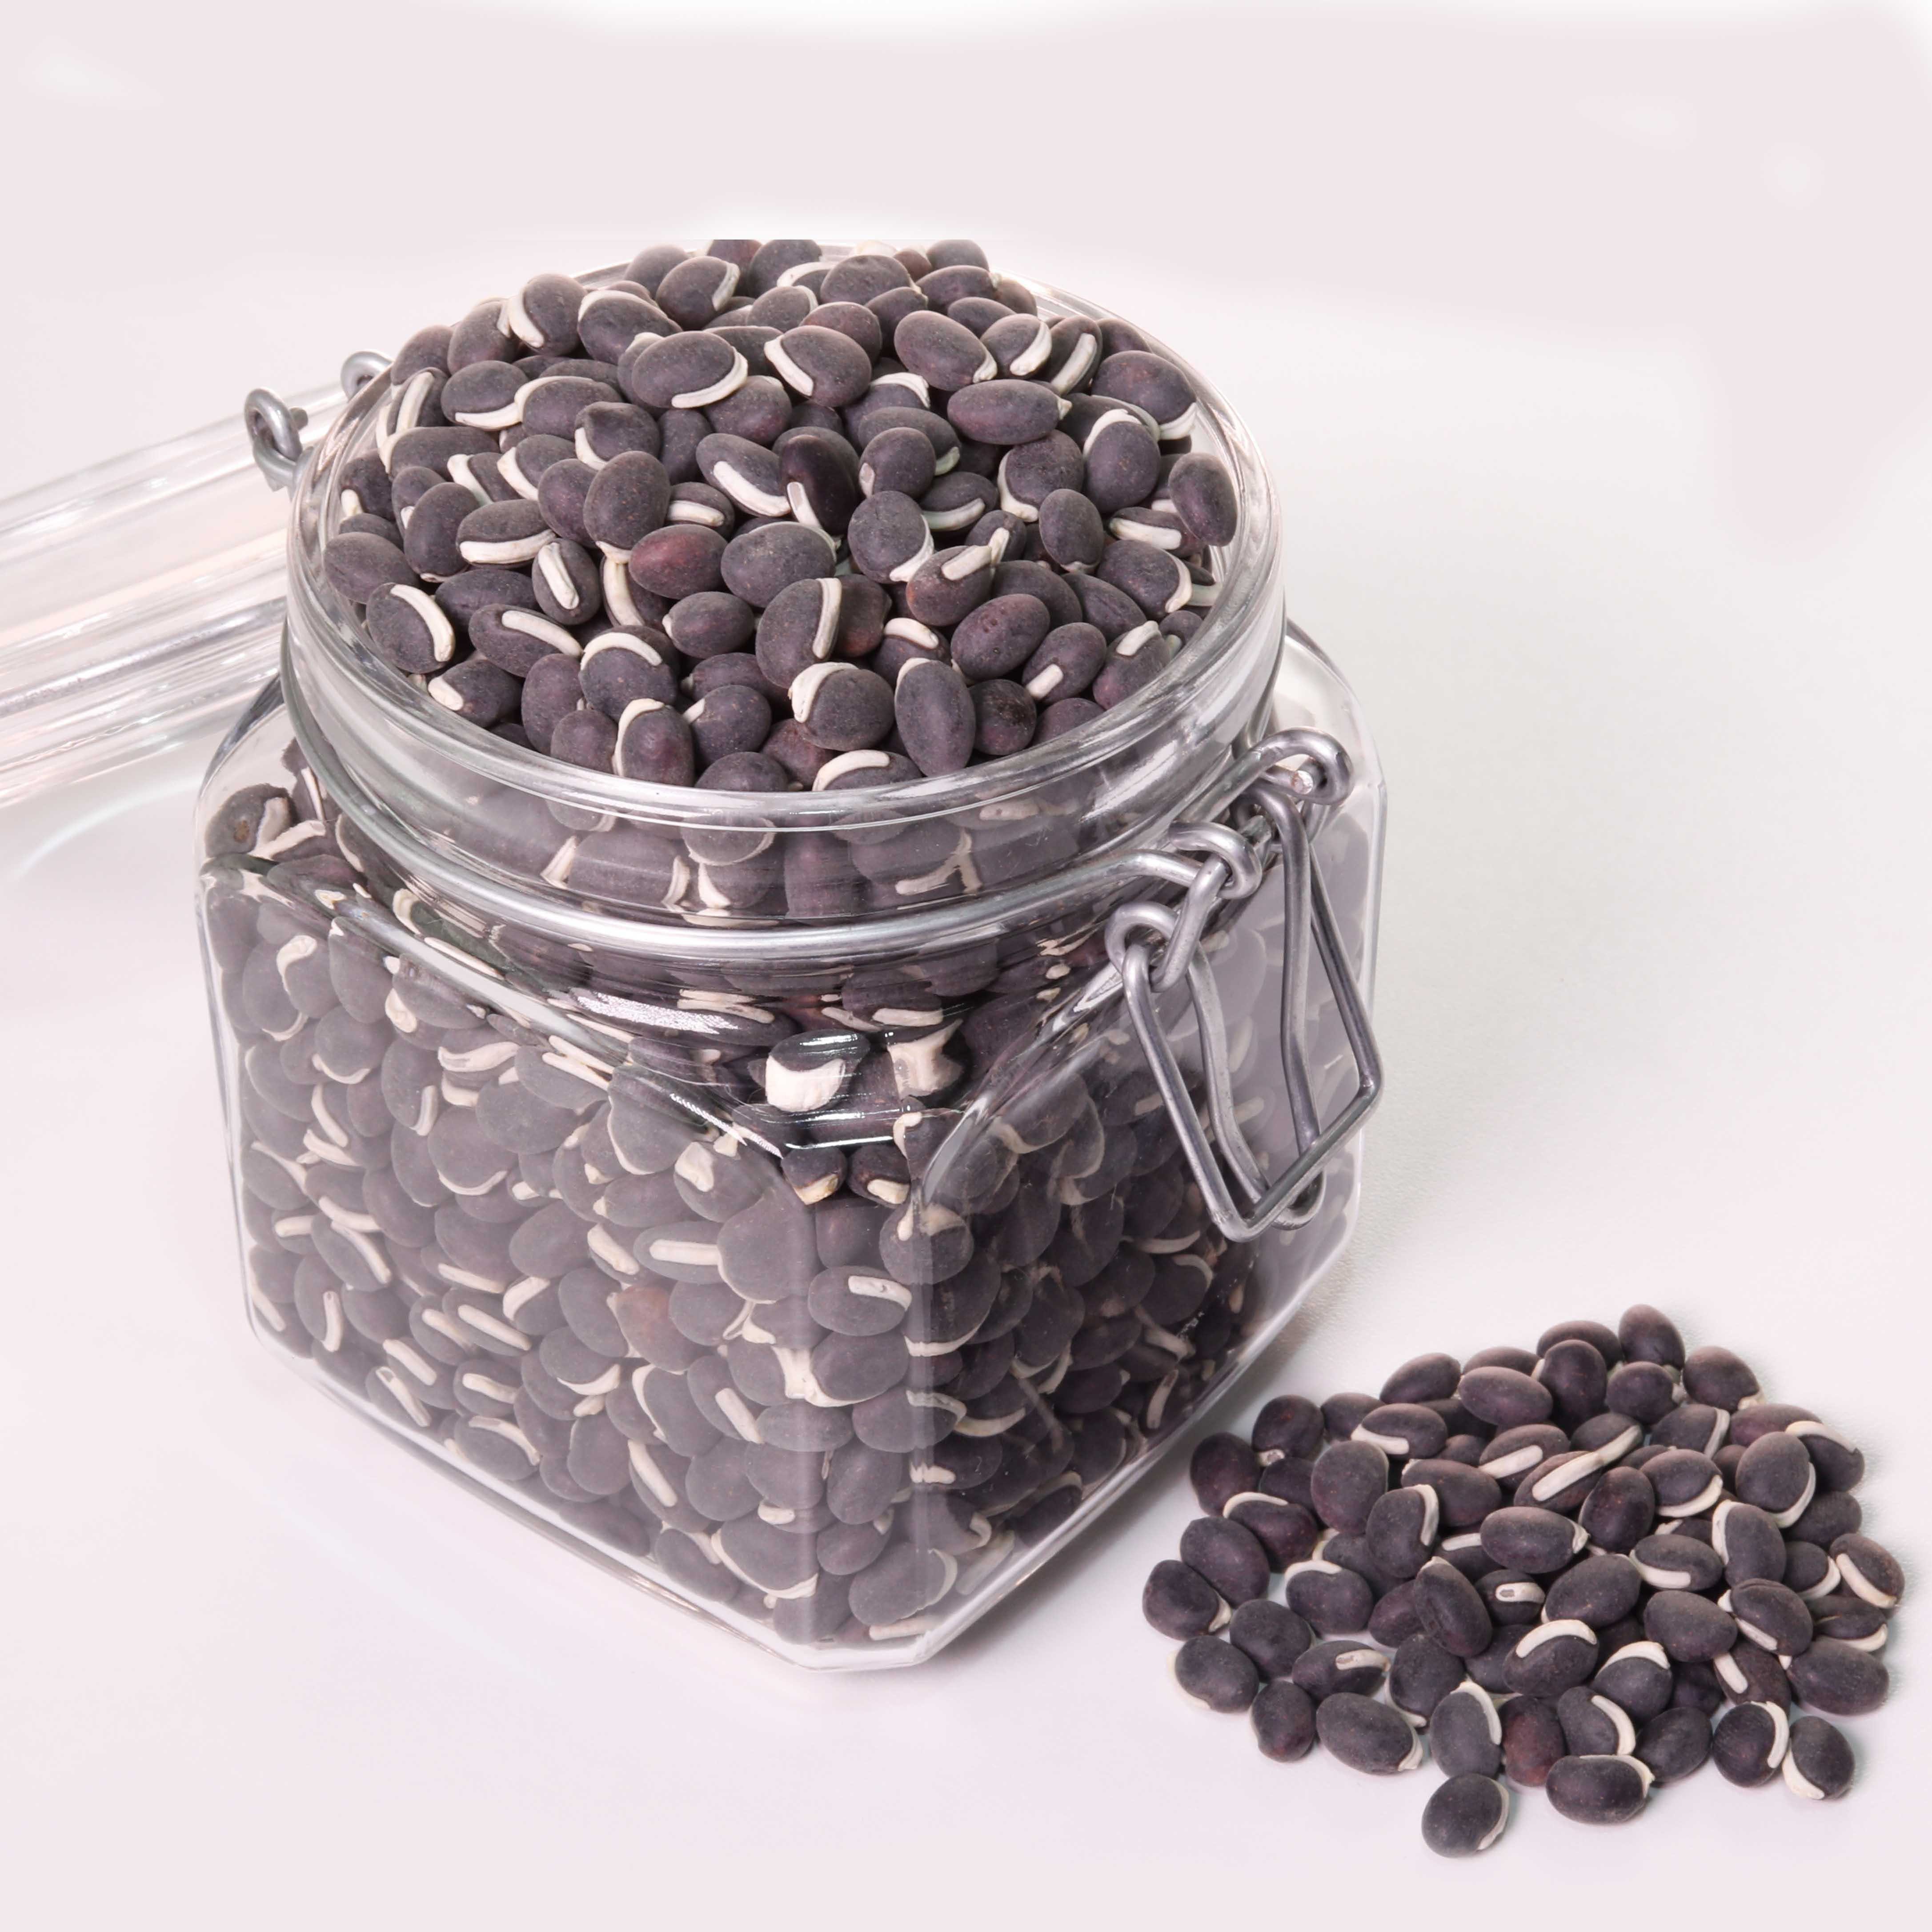 Black beans (njahi)